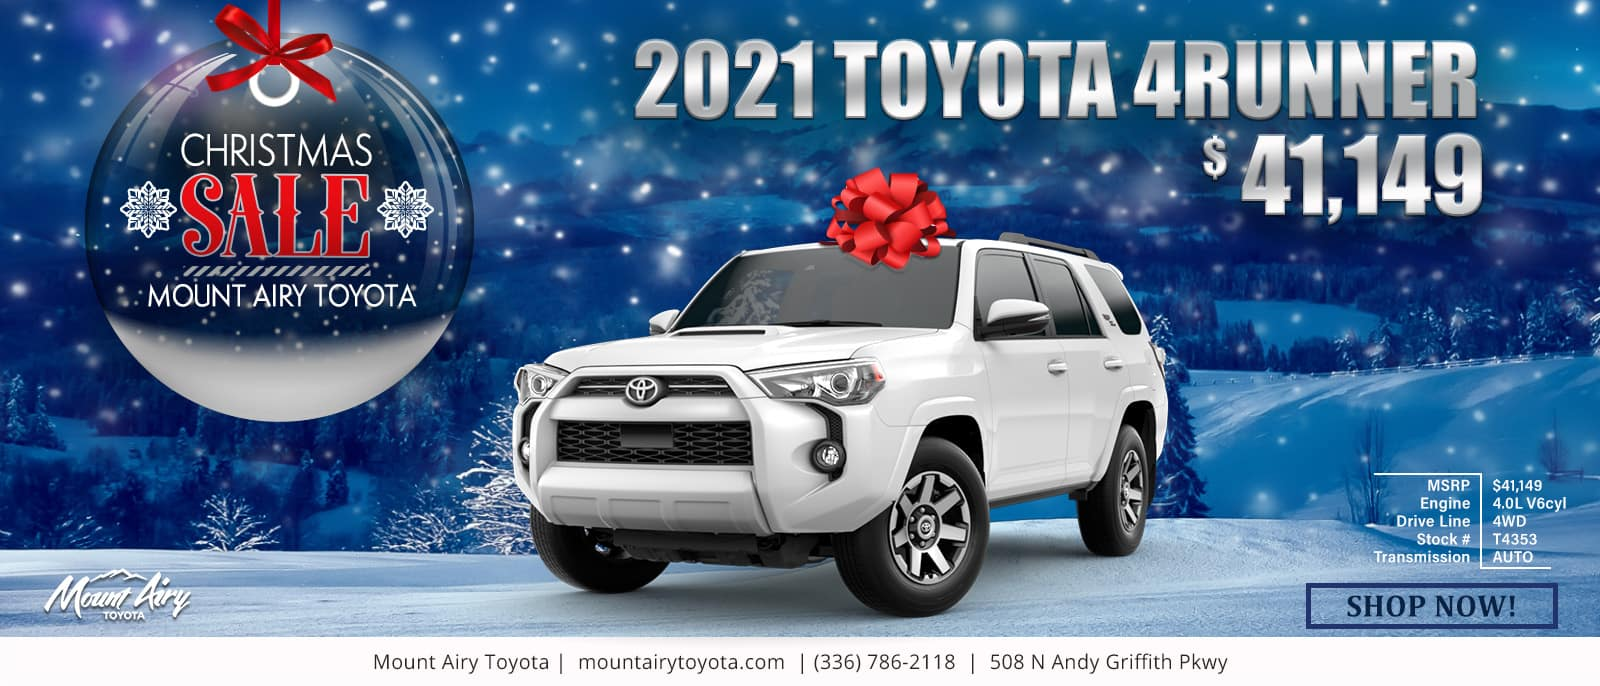 Toyota_Nov-Dec_2020_Slider_4Runner (1)